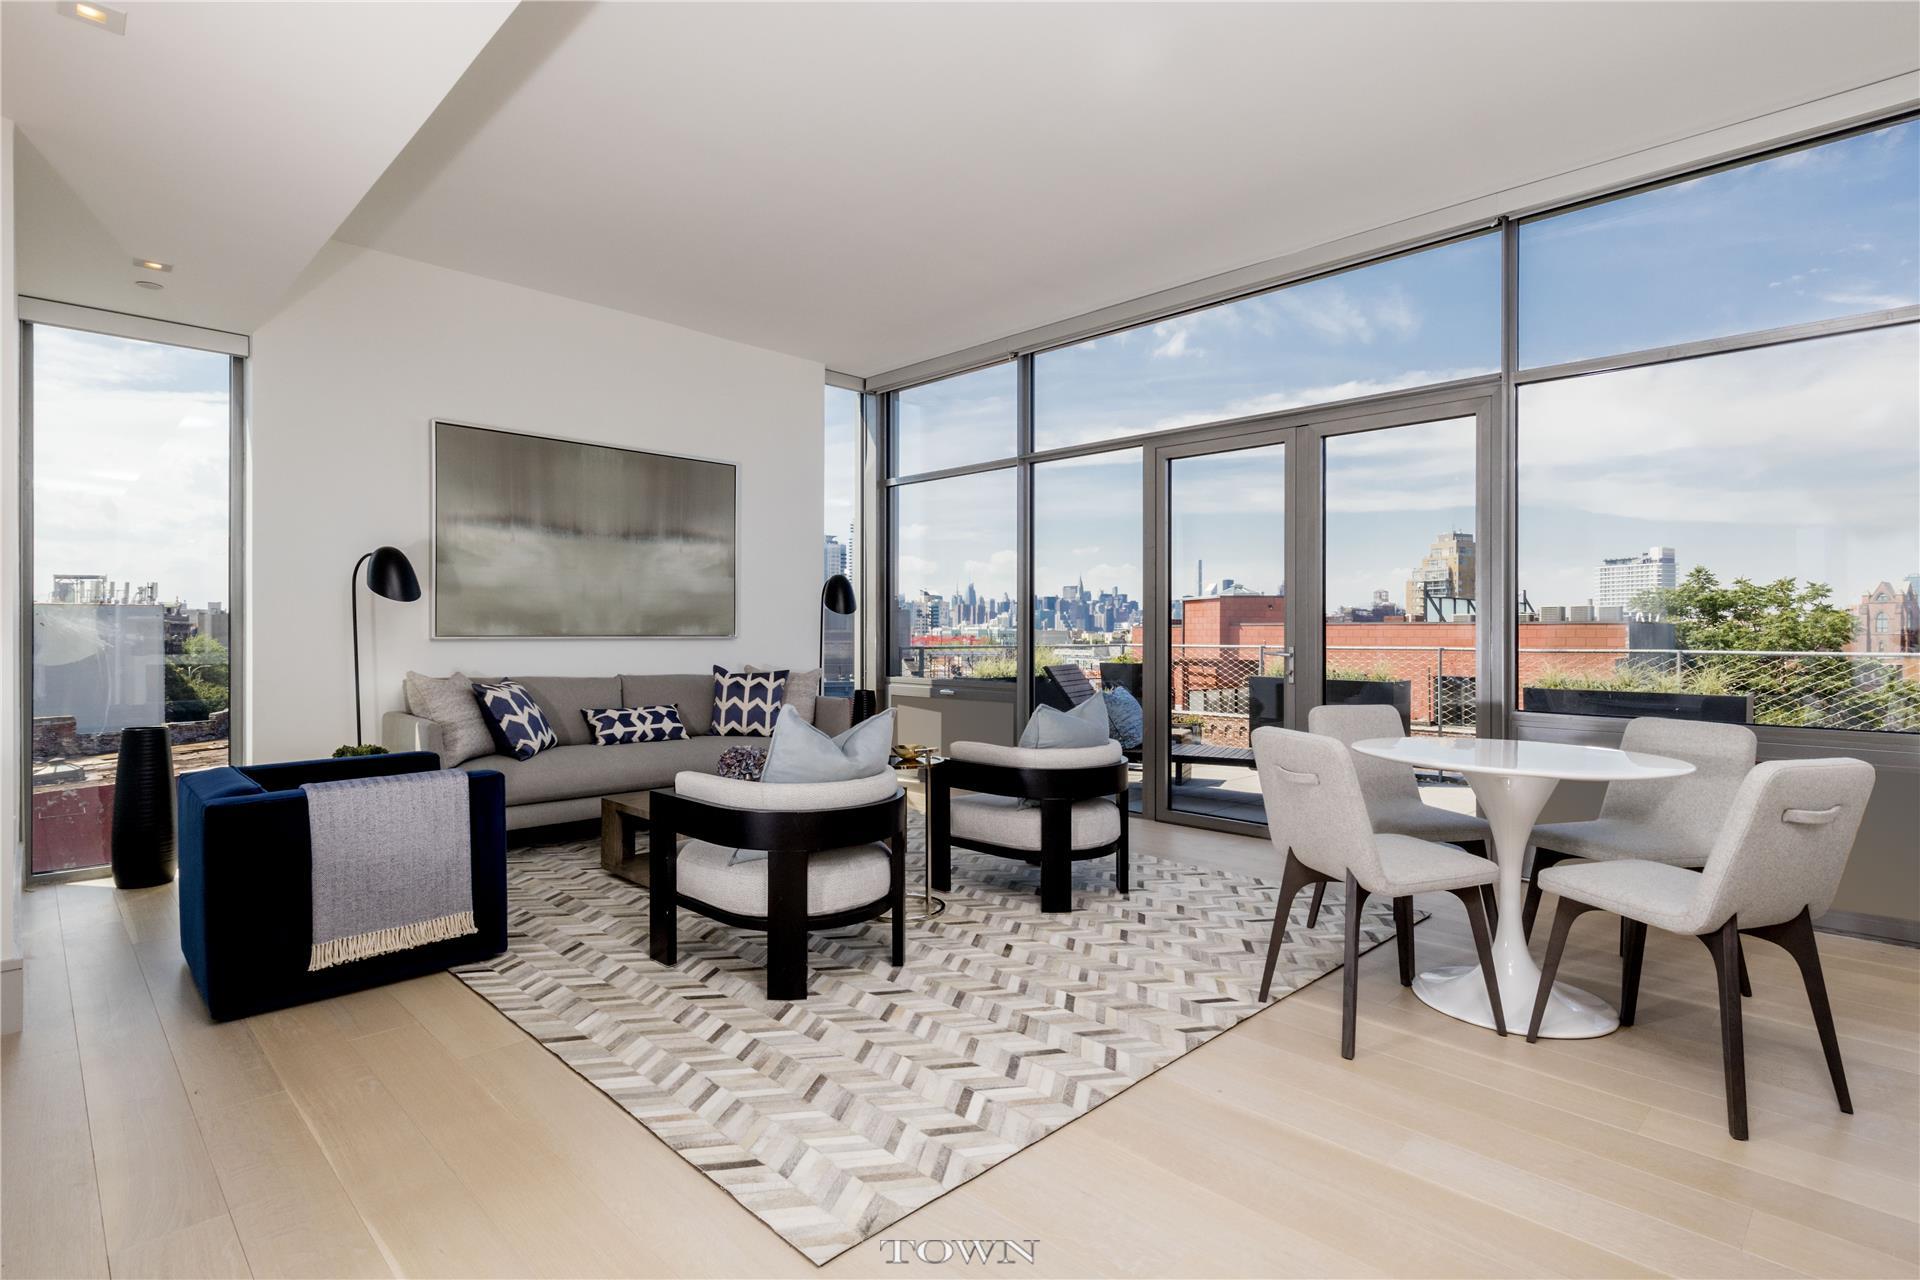 Condominium for Sale at 280 Metropolitan Avenue, #ph-D 280 Metropolitan Avenue Brooklyn, New York 11211 United States